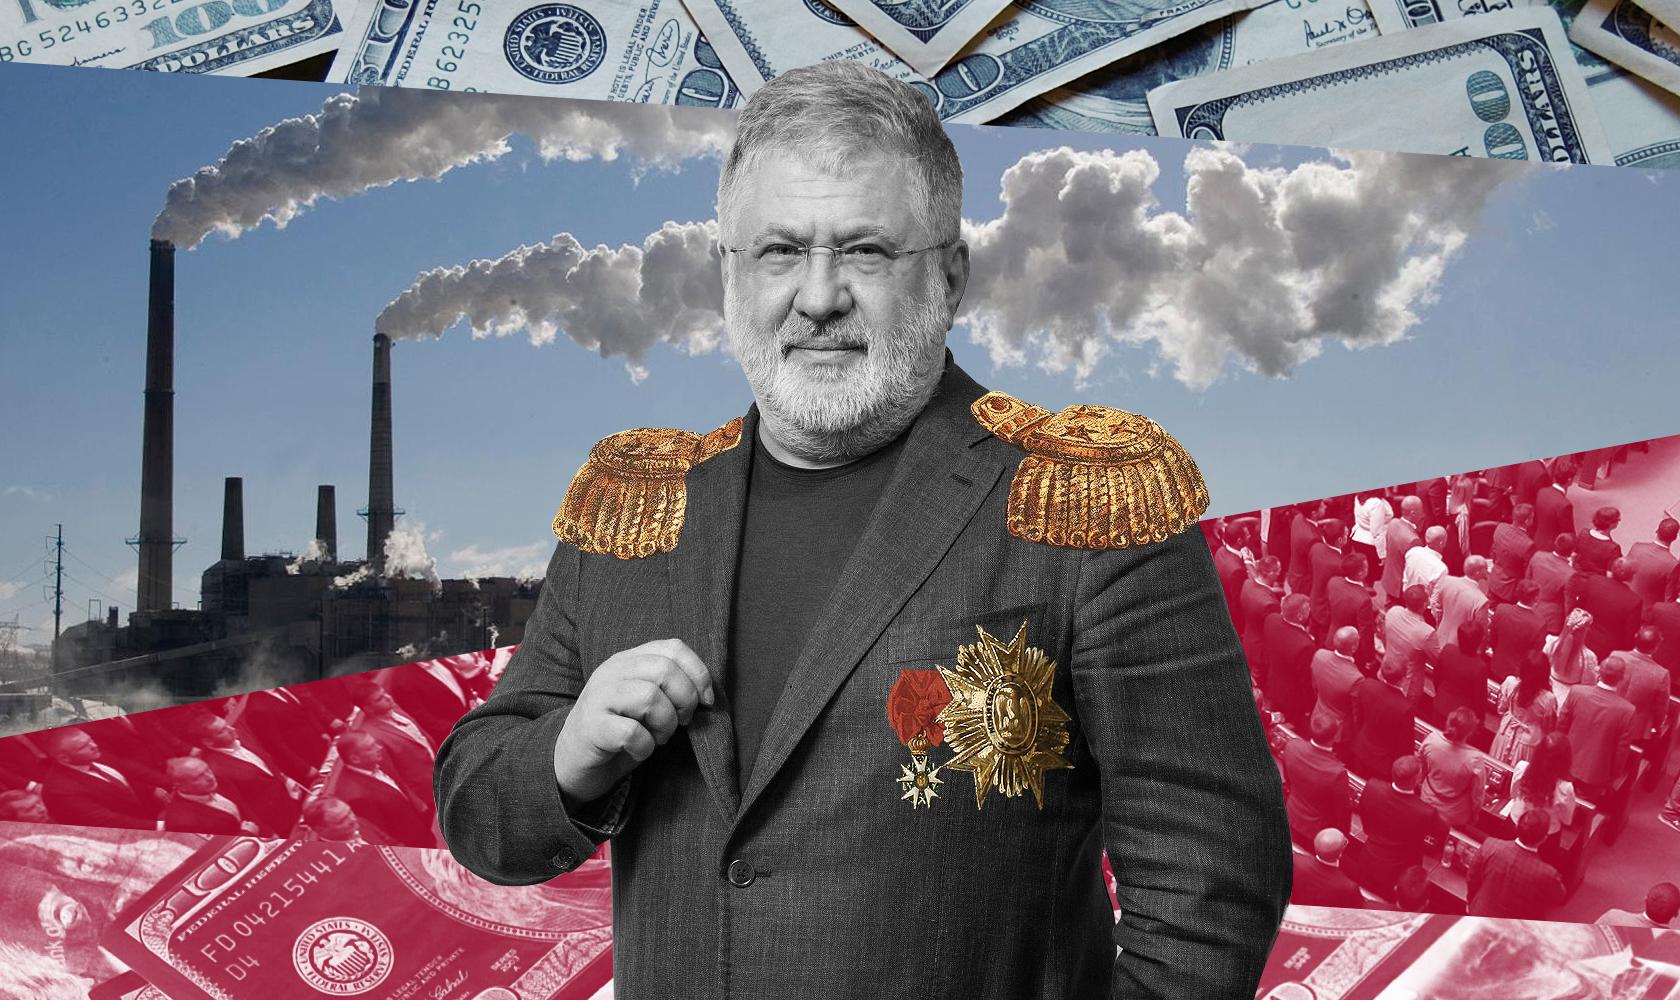 Одіозний мільярдер Ігор Коломойський перші гроші заробив на збиранні порожніх пляшок